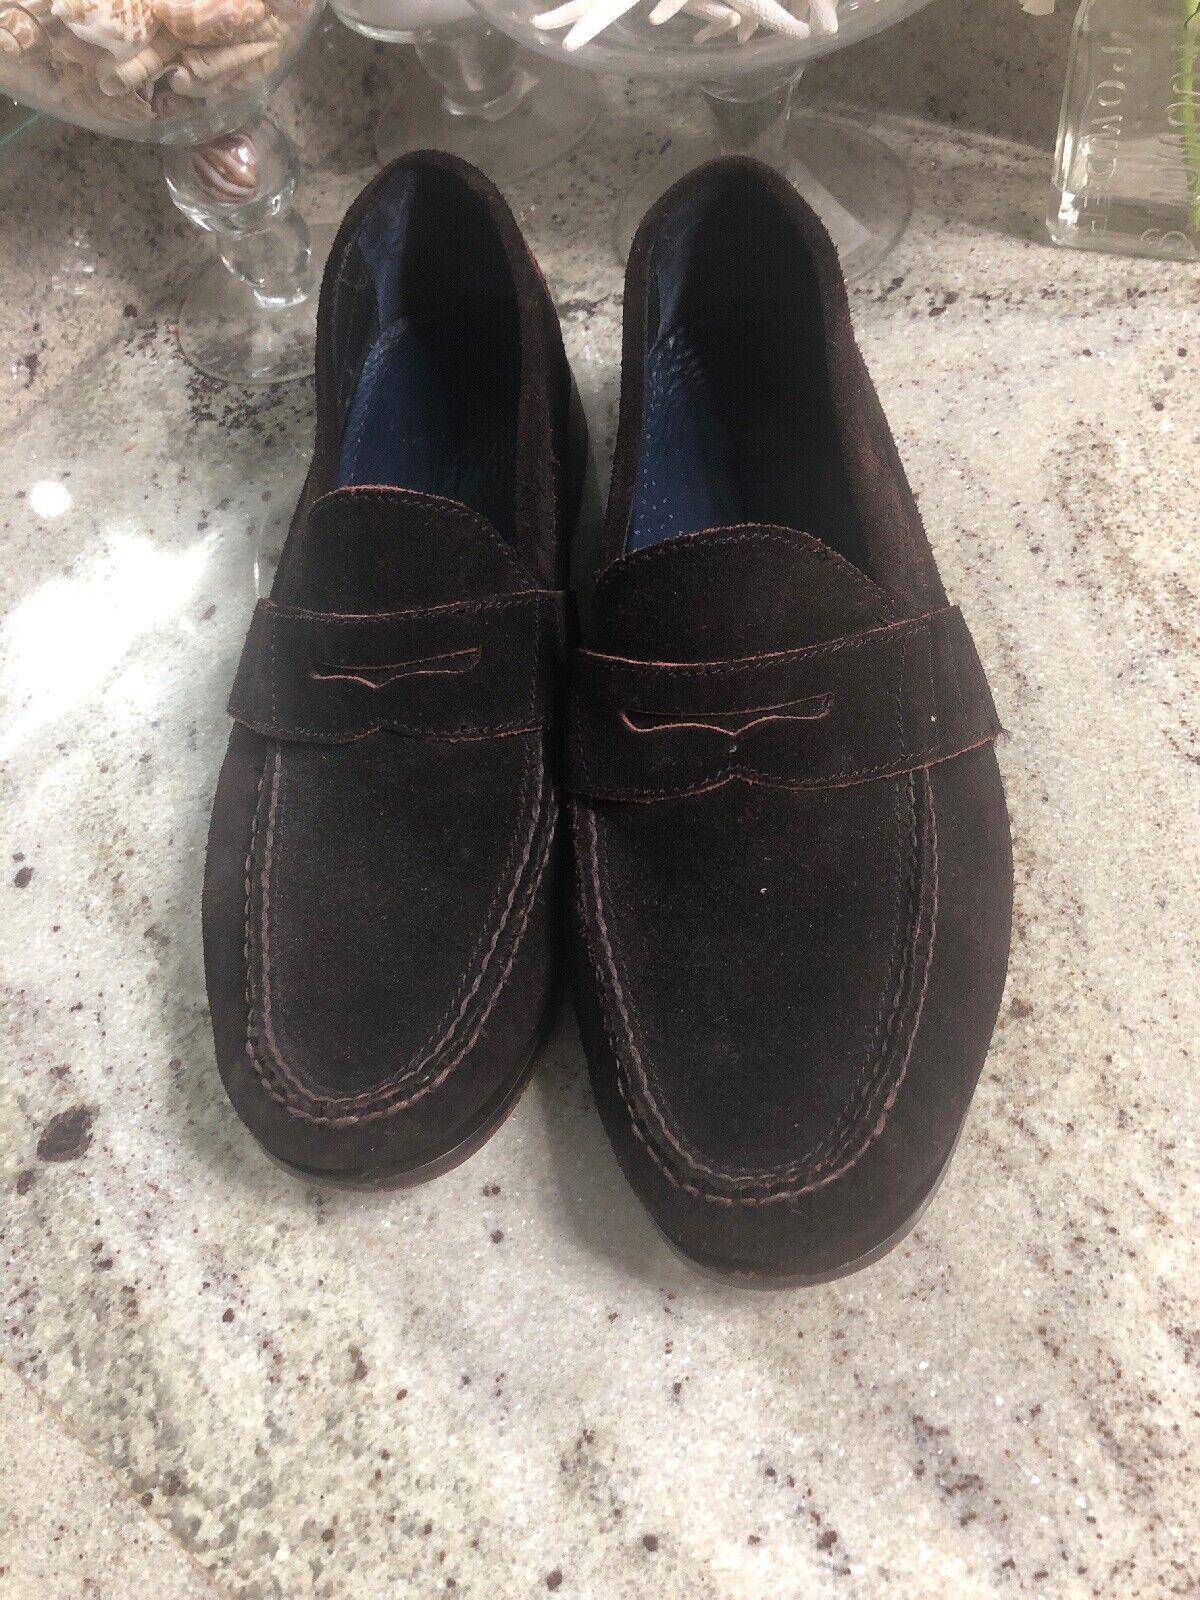 online economico Cole Haan  280 Marrone Marrone Marrone rosso  Suede Jefferson Penny Loafer scarpe Sz 12 M  a prezzi accessibili